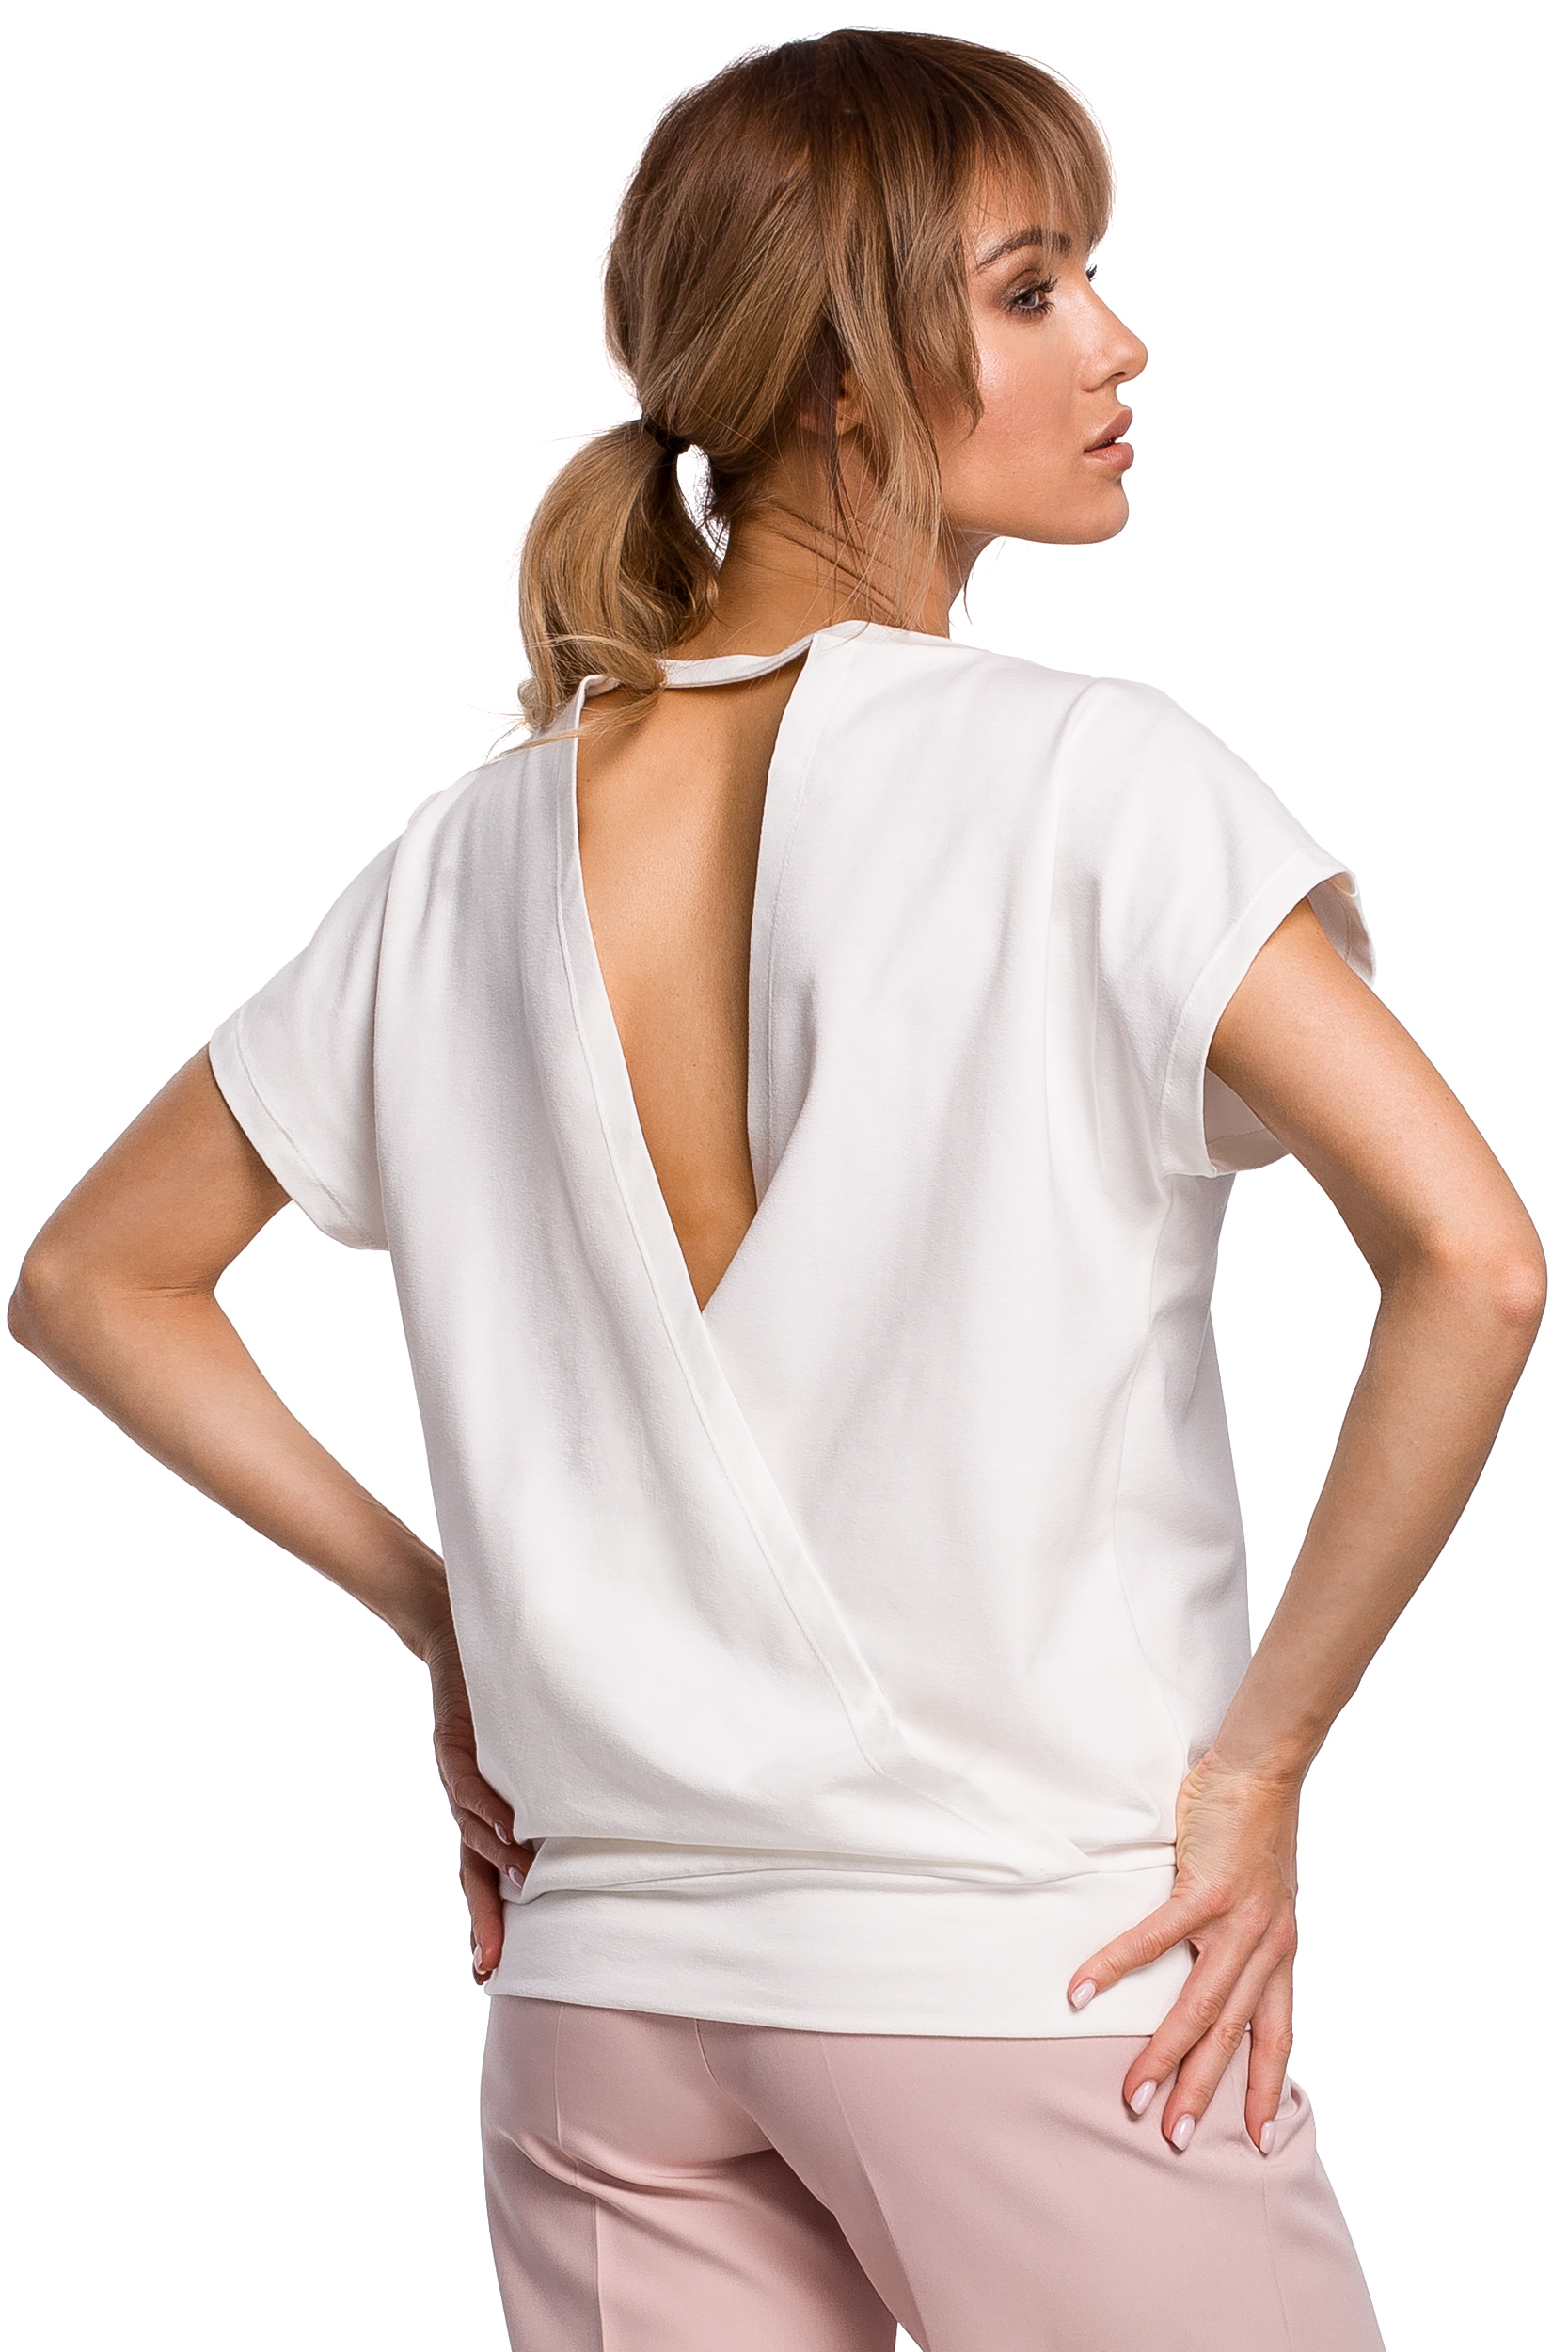 Vit T-shirt med öppen rygg